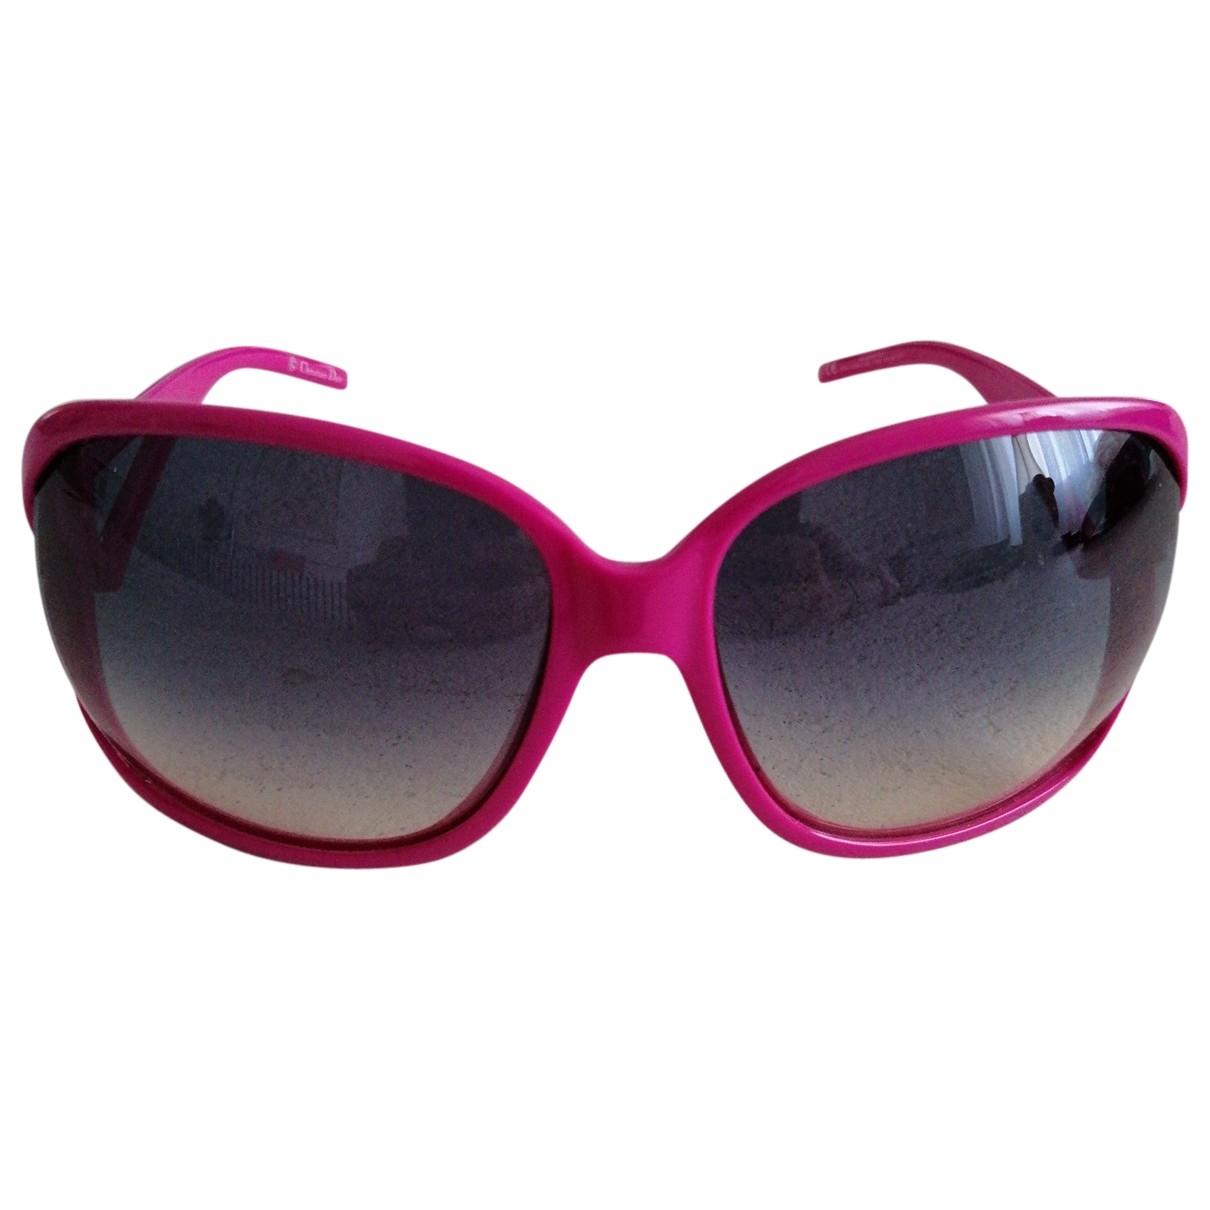 Dior - Lunettes   pour femme - rose